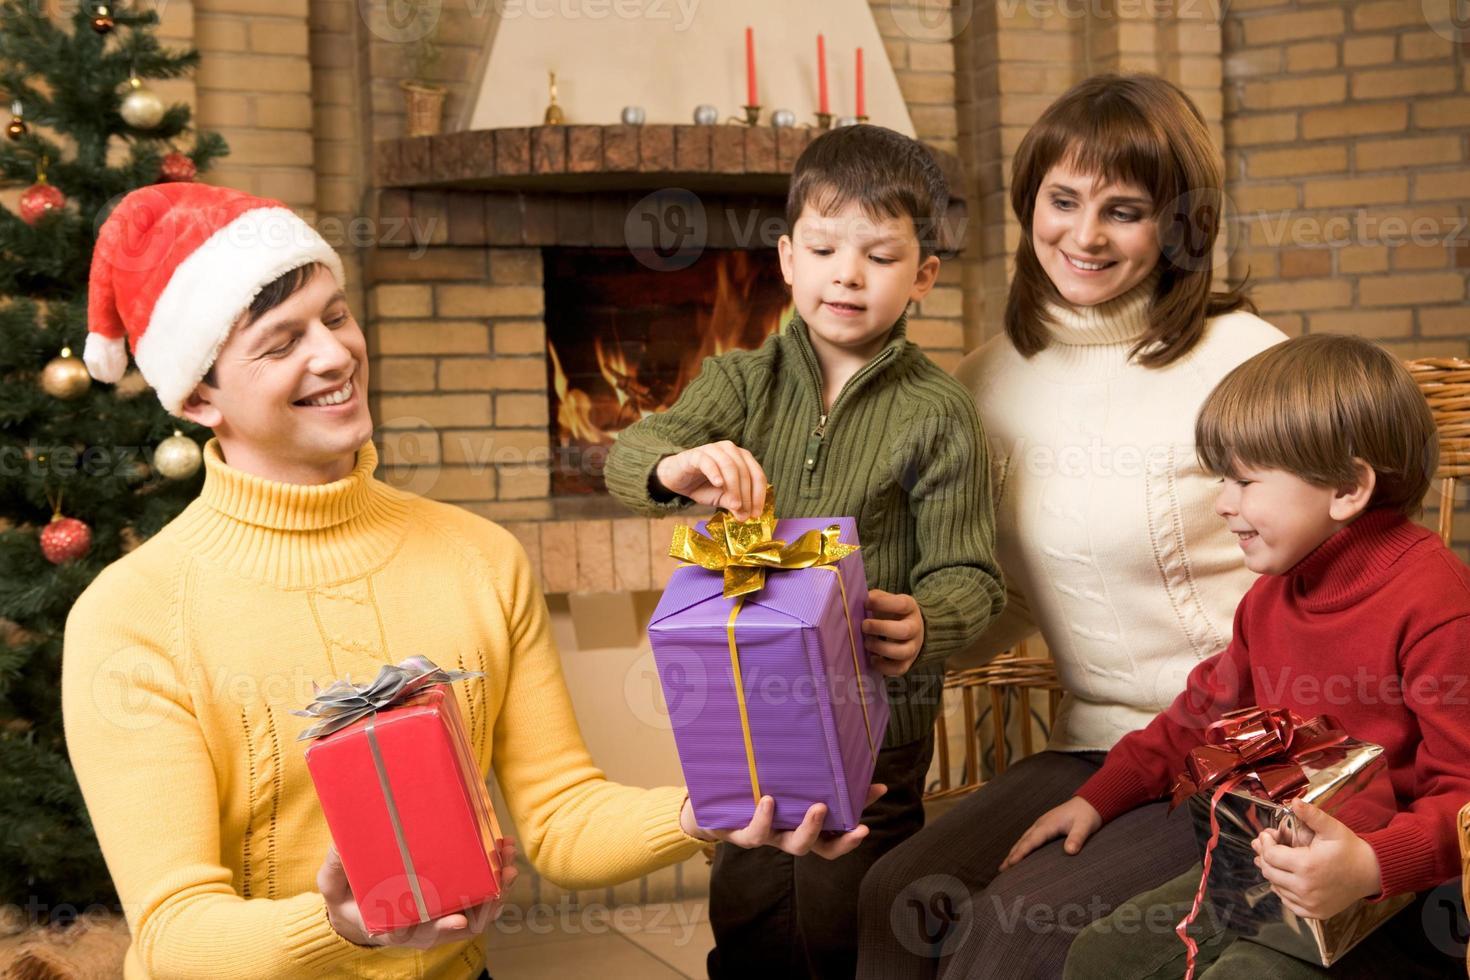 vacanza in famiglia foto